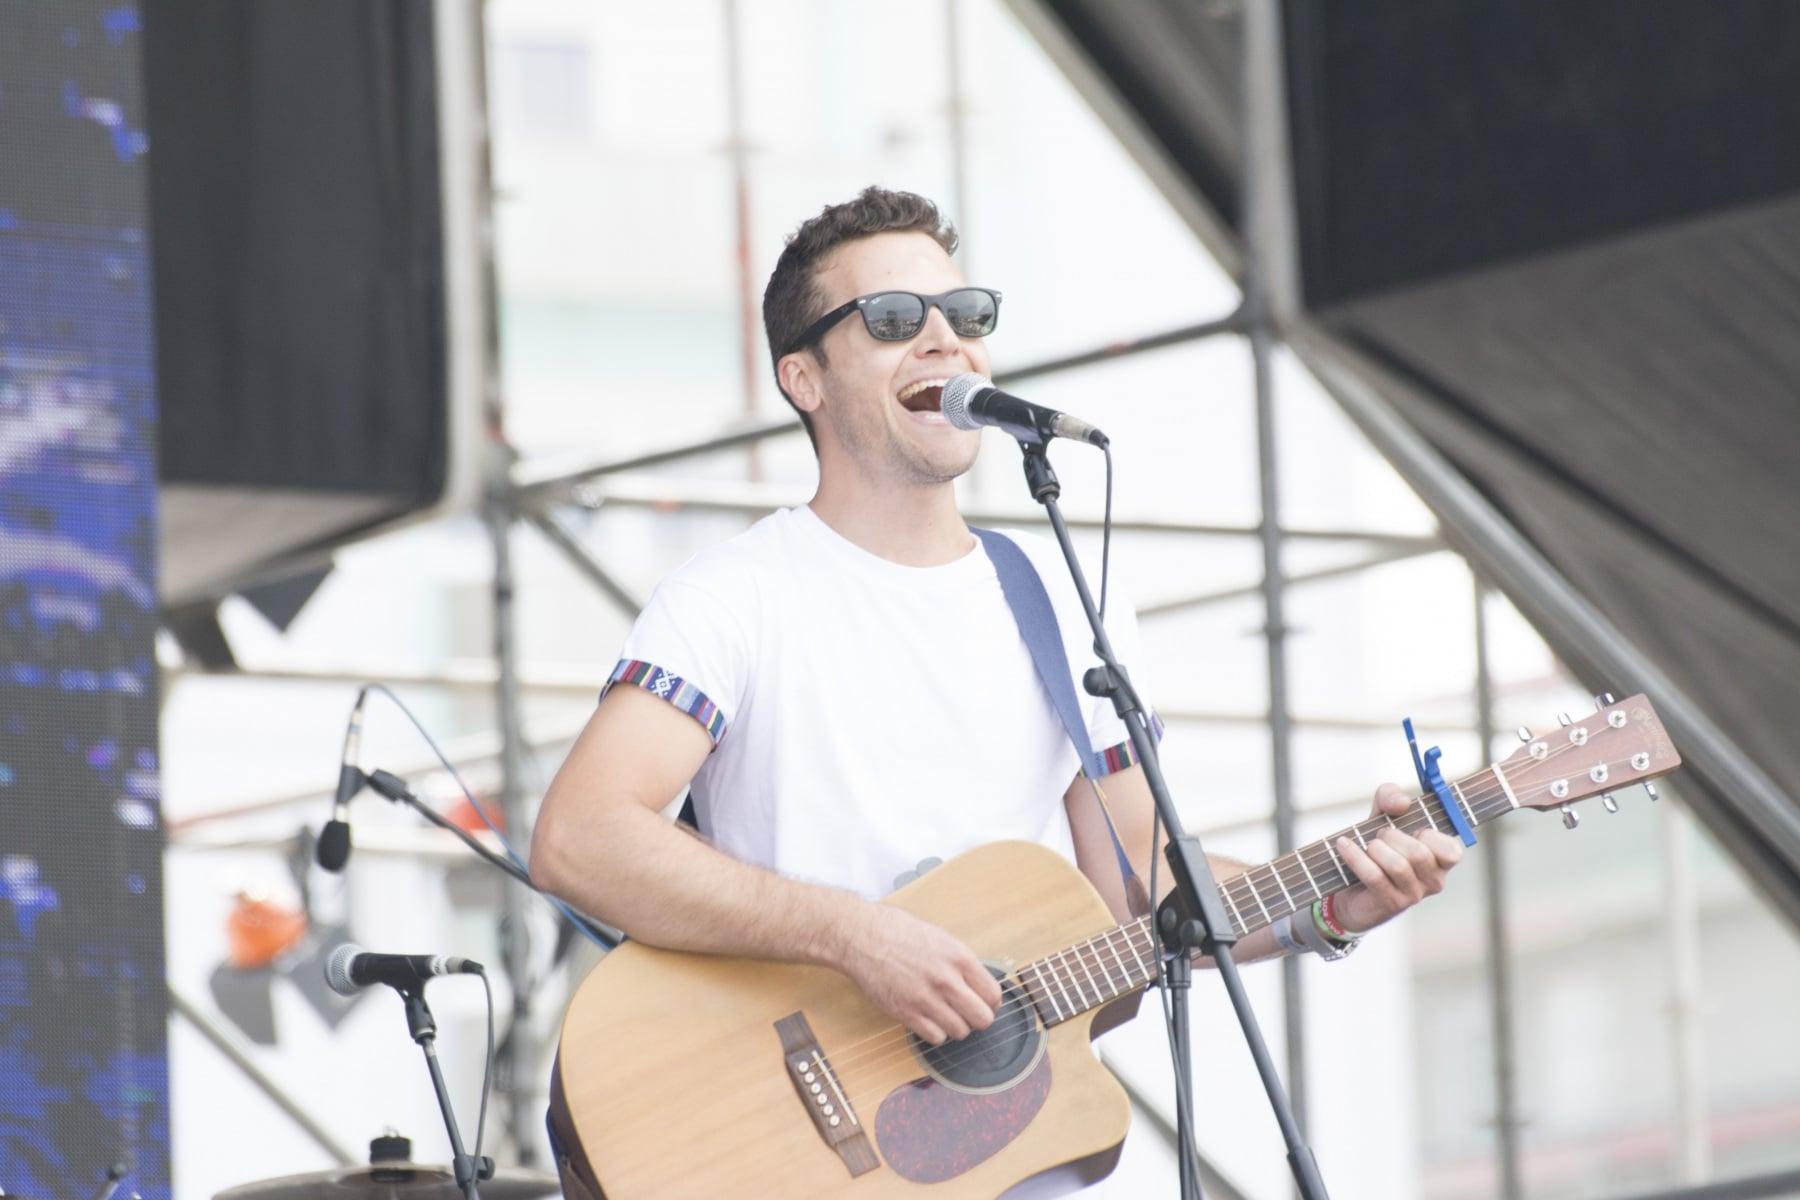 The Gibraltar Music Festival